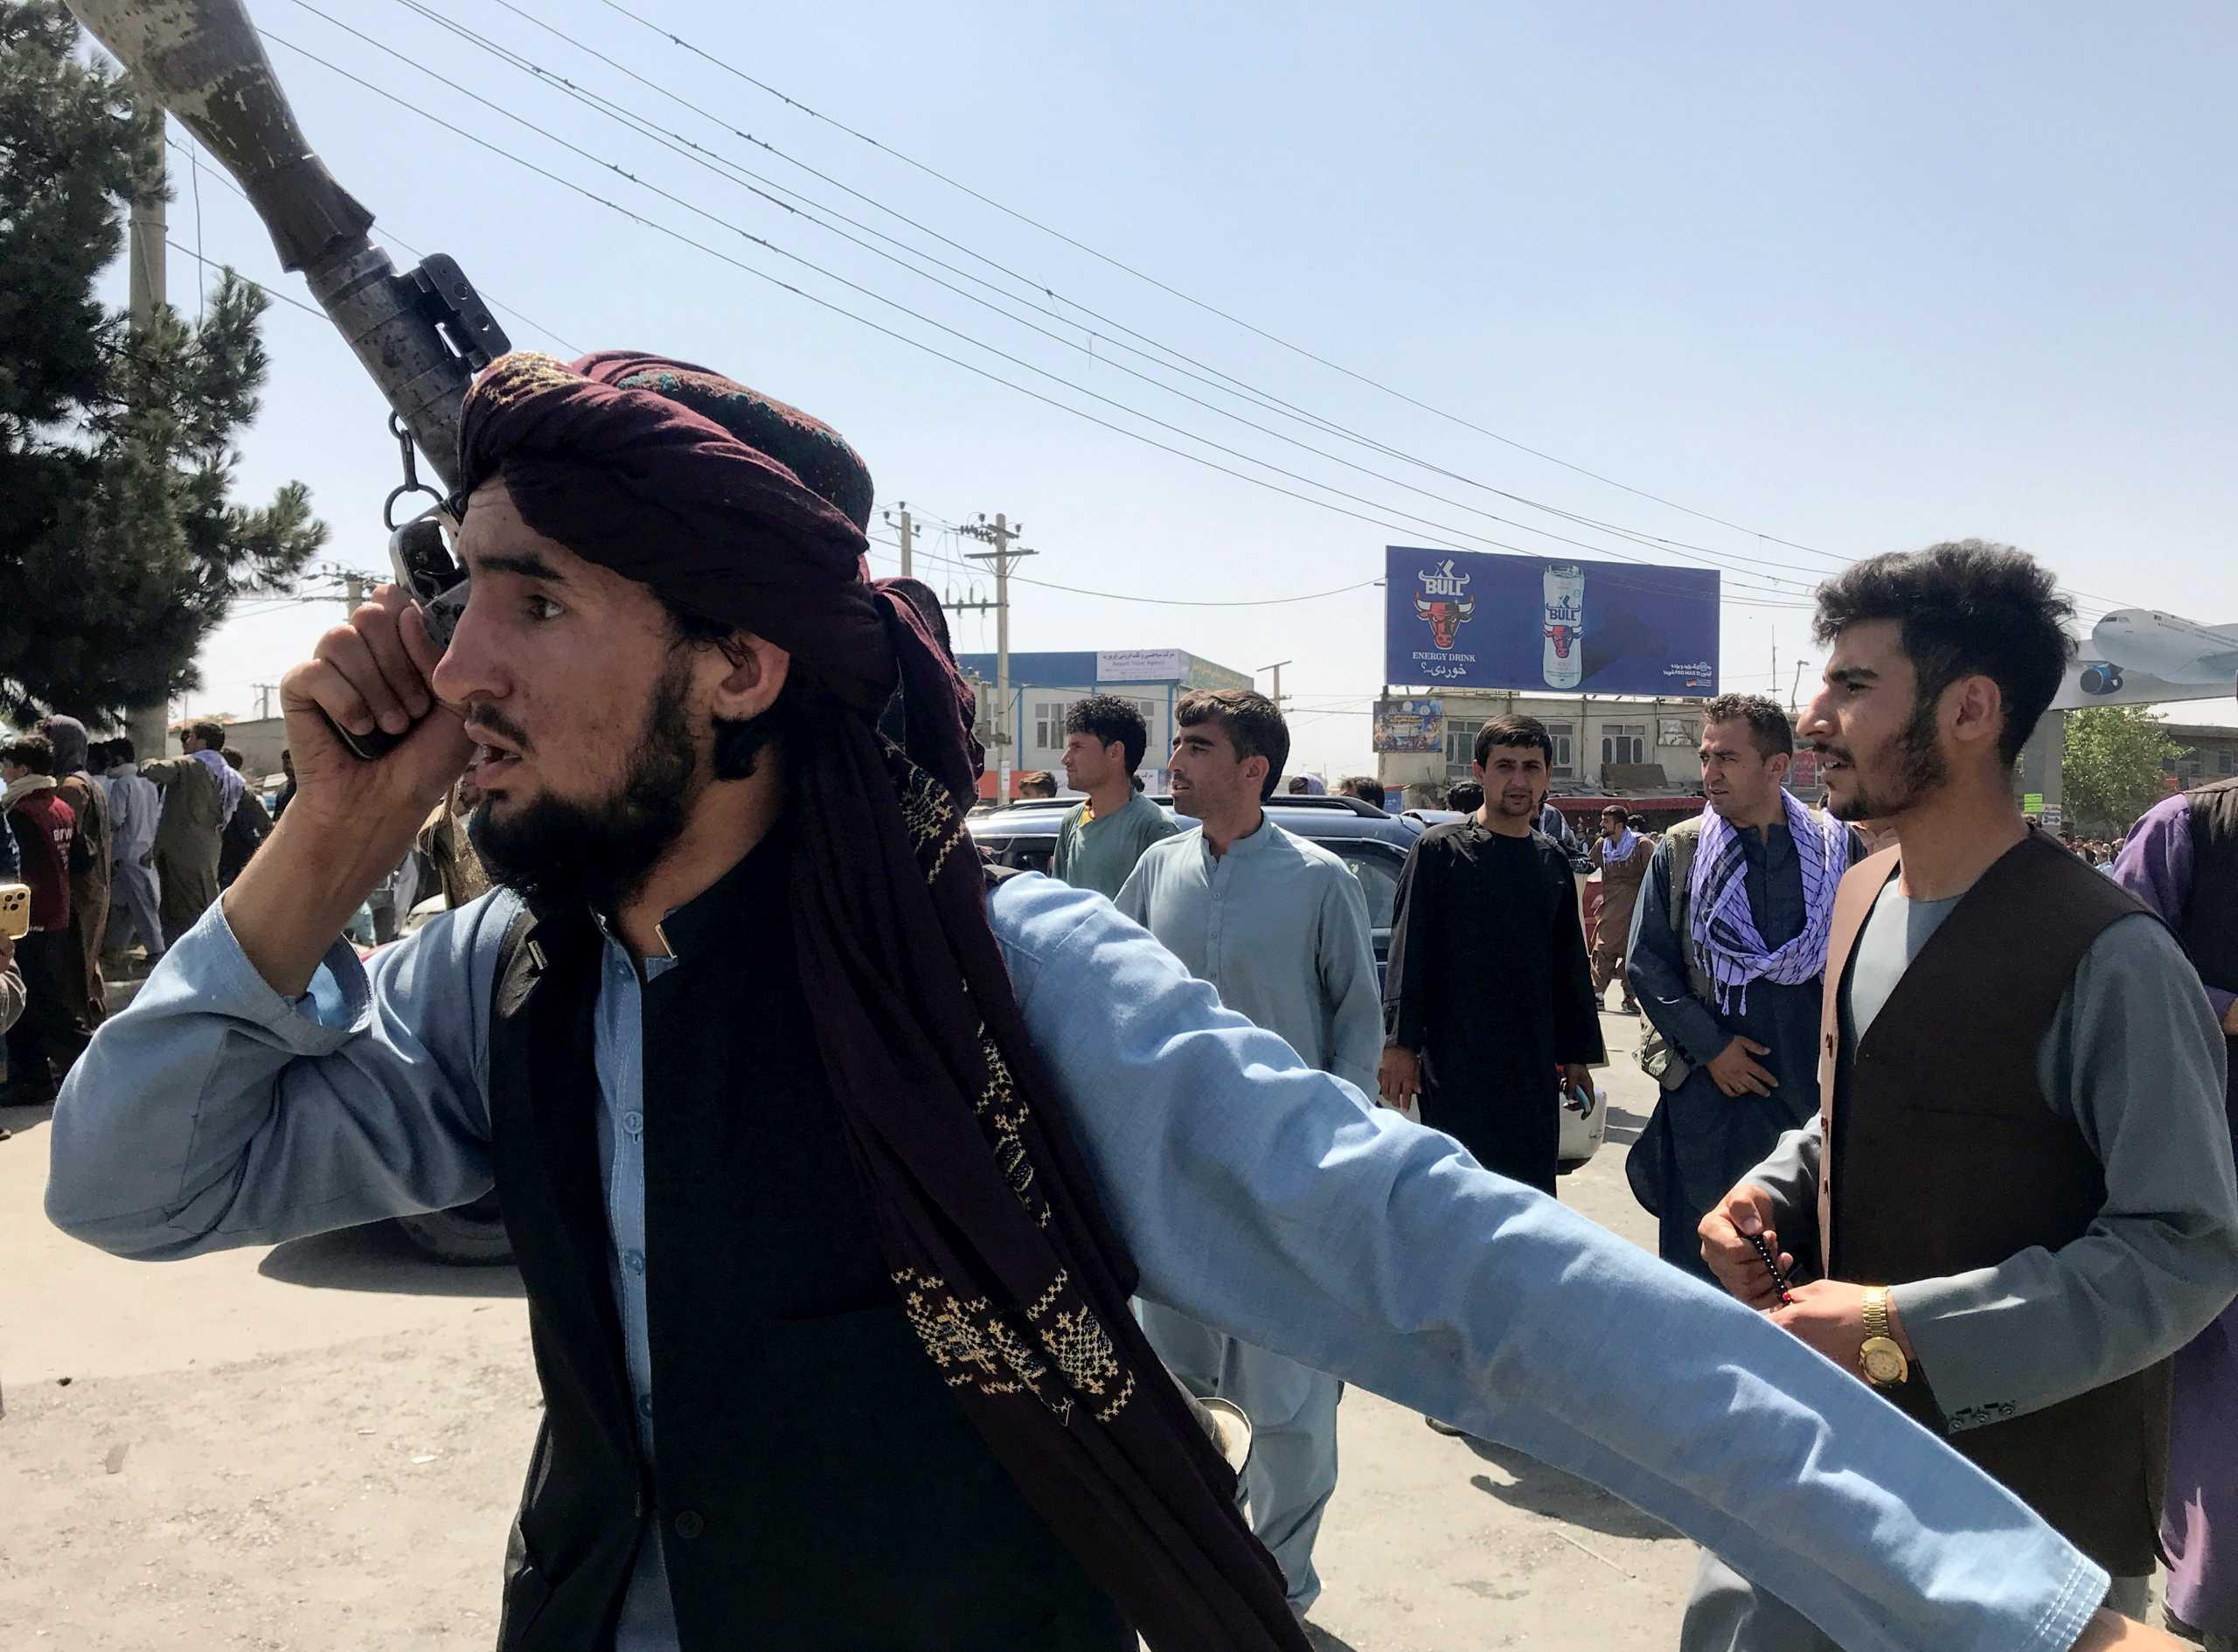 Αφγανιστάν: ΗΠΑ – Βρετανία απειλούν με οικονομικές κυρώσεις αν οι Ταλιμπάν διαπράξουν ωμότητες